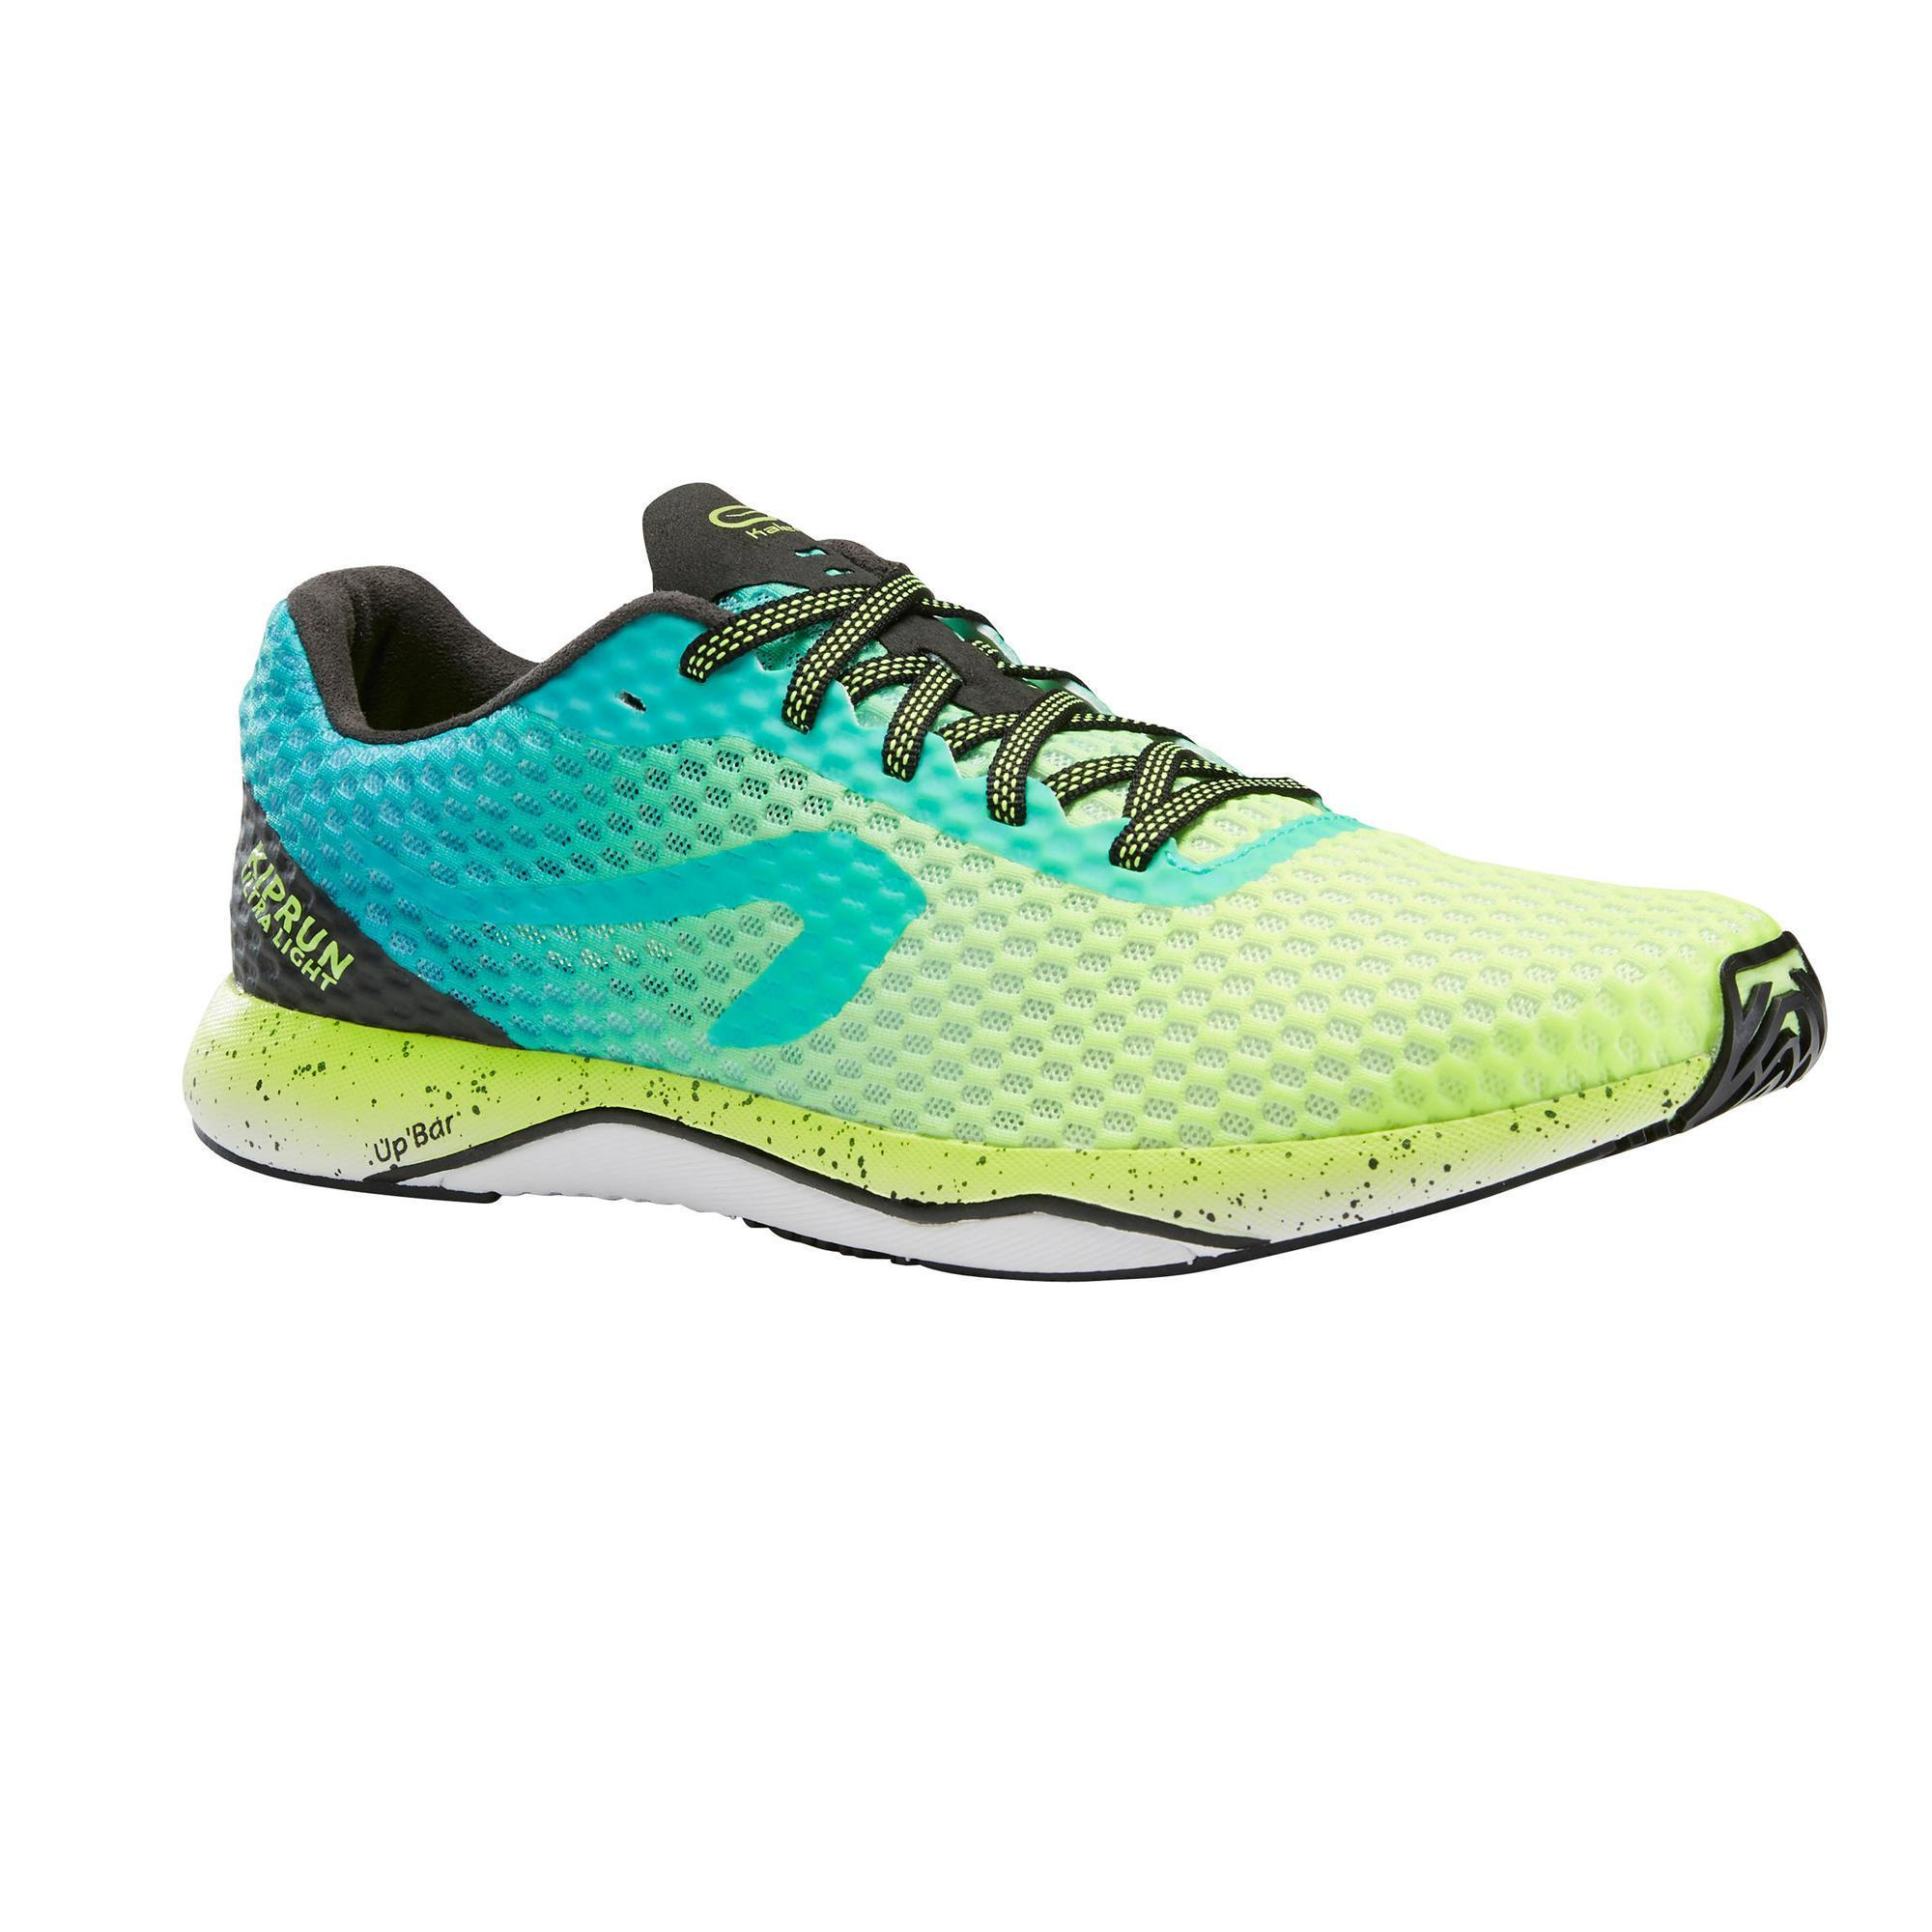 hot sale online 7a59e 12a81 Comprar zapatillas de cross y atletismo  Decathlon